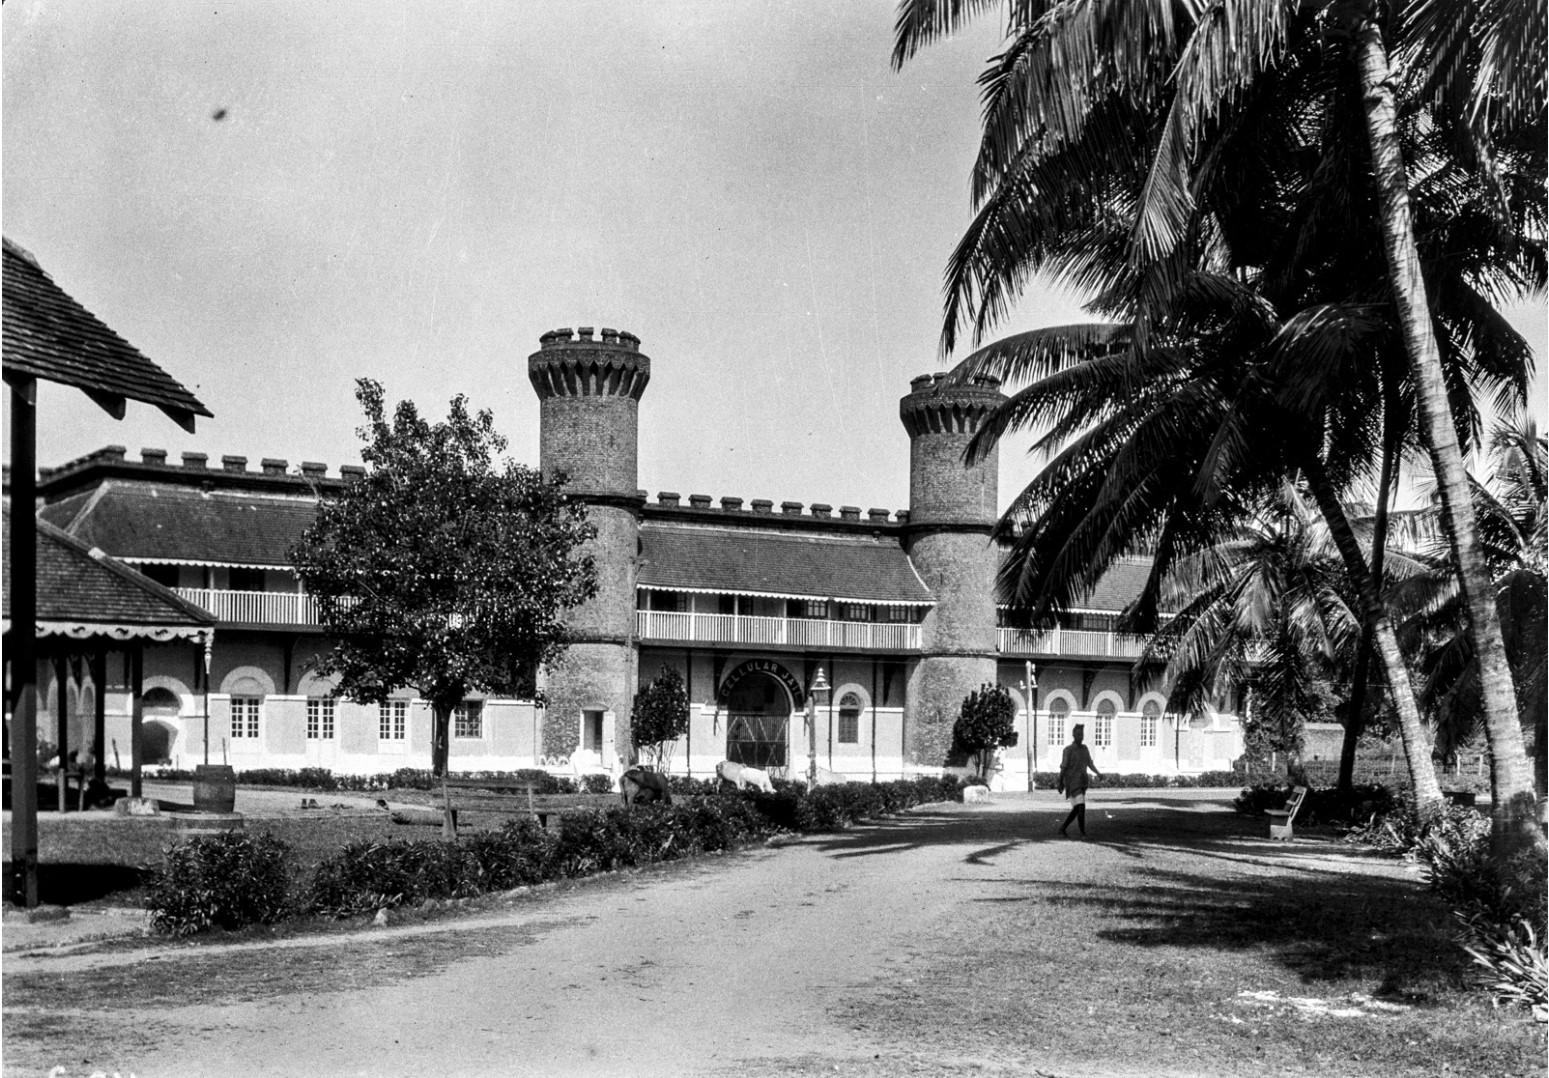 1130. Знаменитая «Сотовая тюрьма» в Порт-Блэр